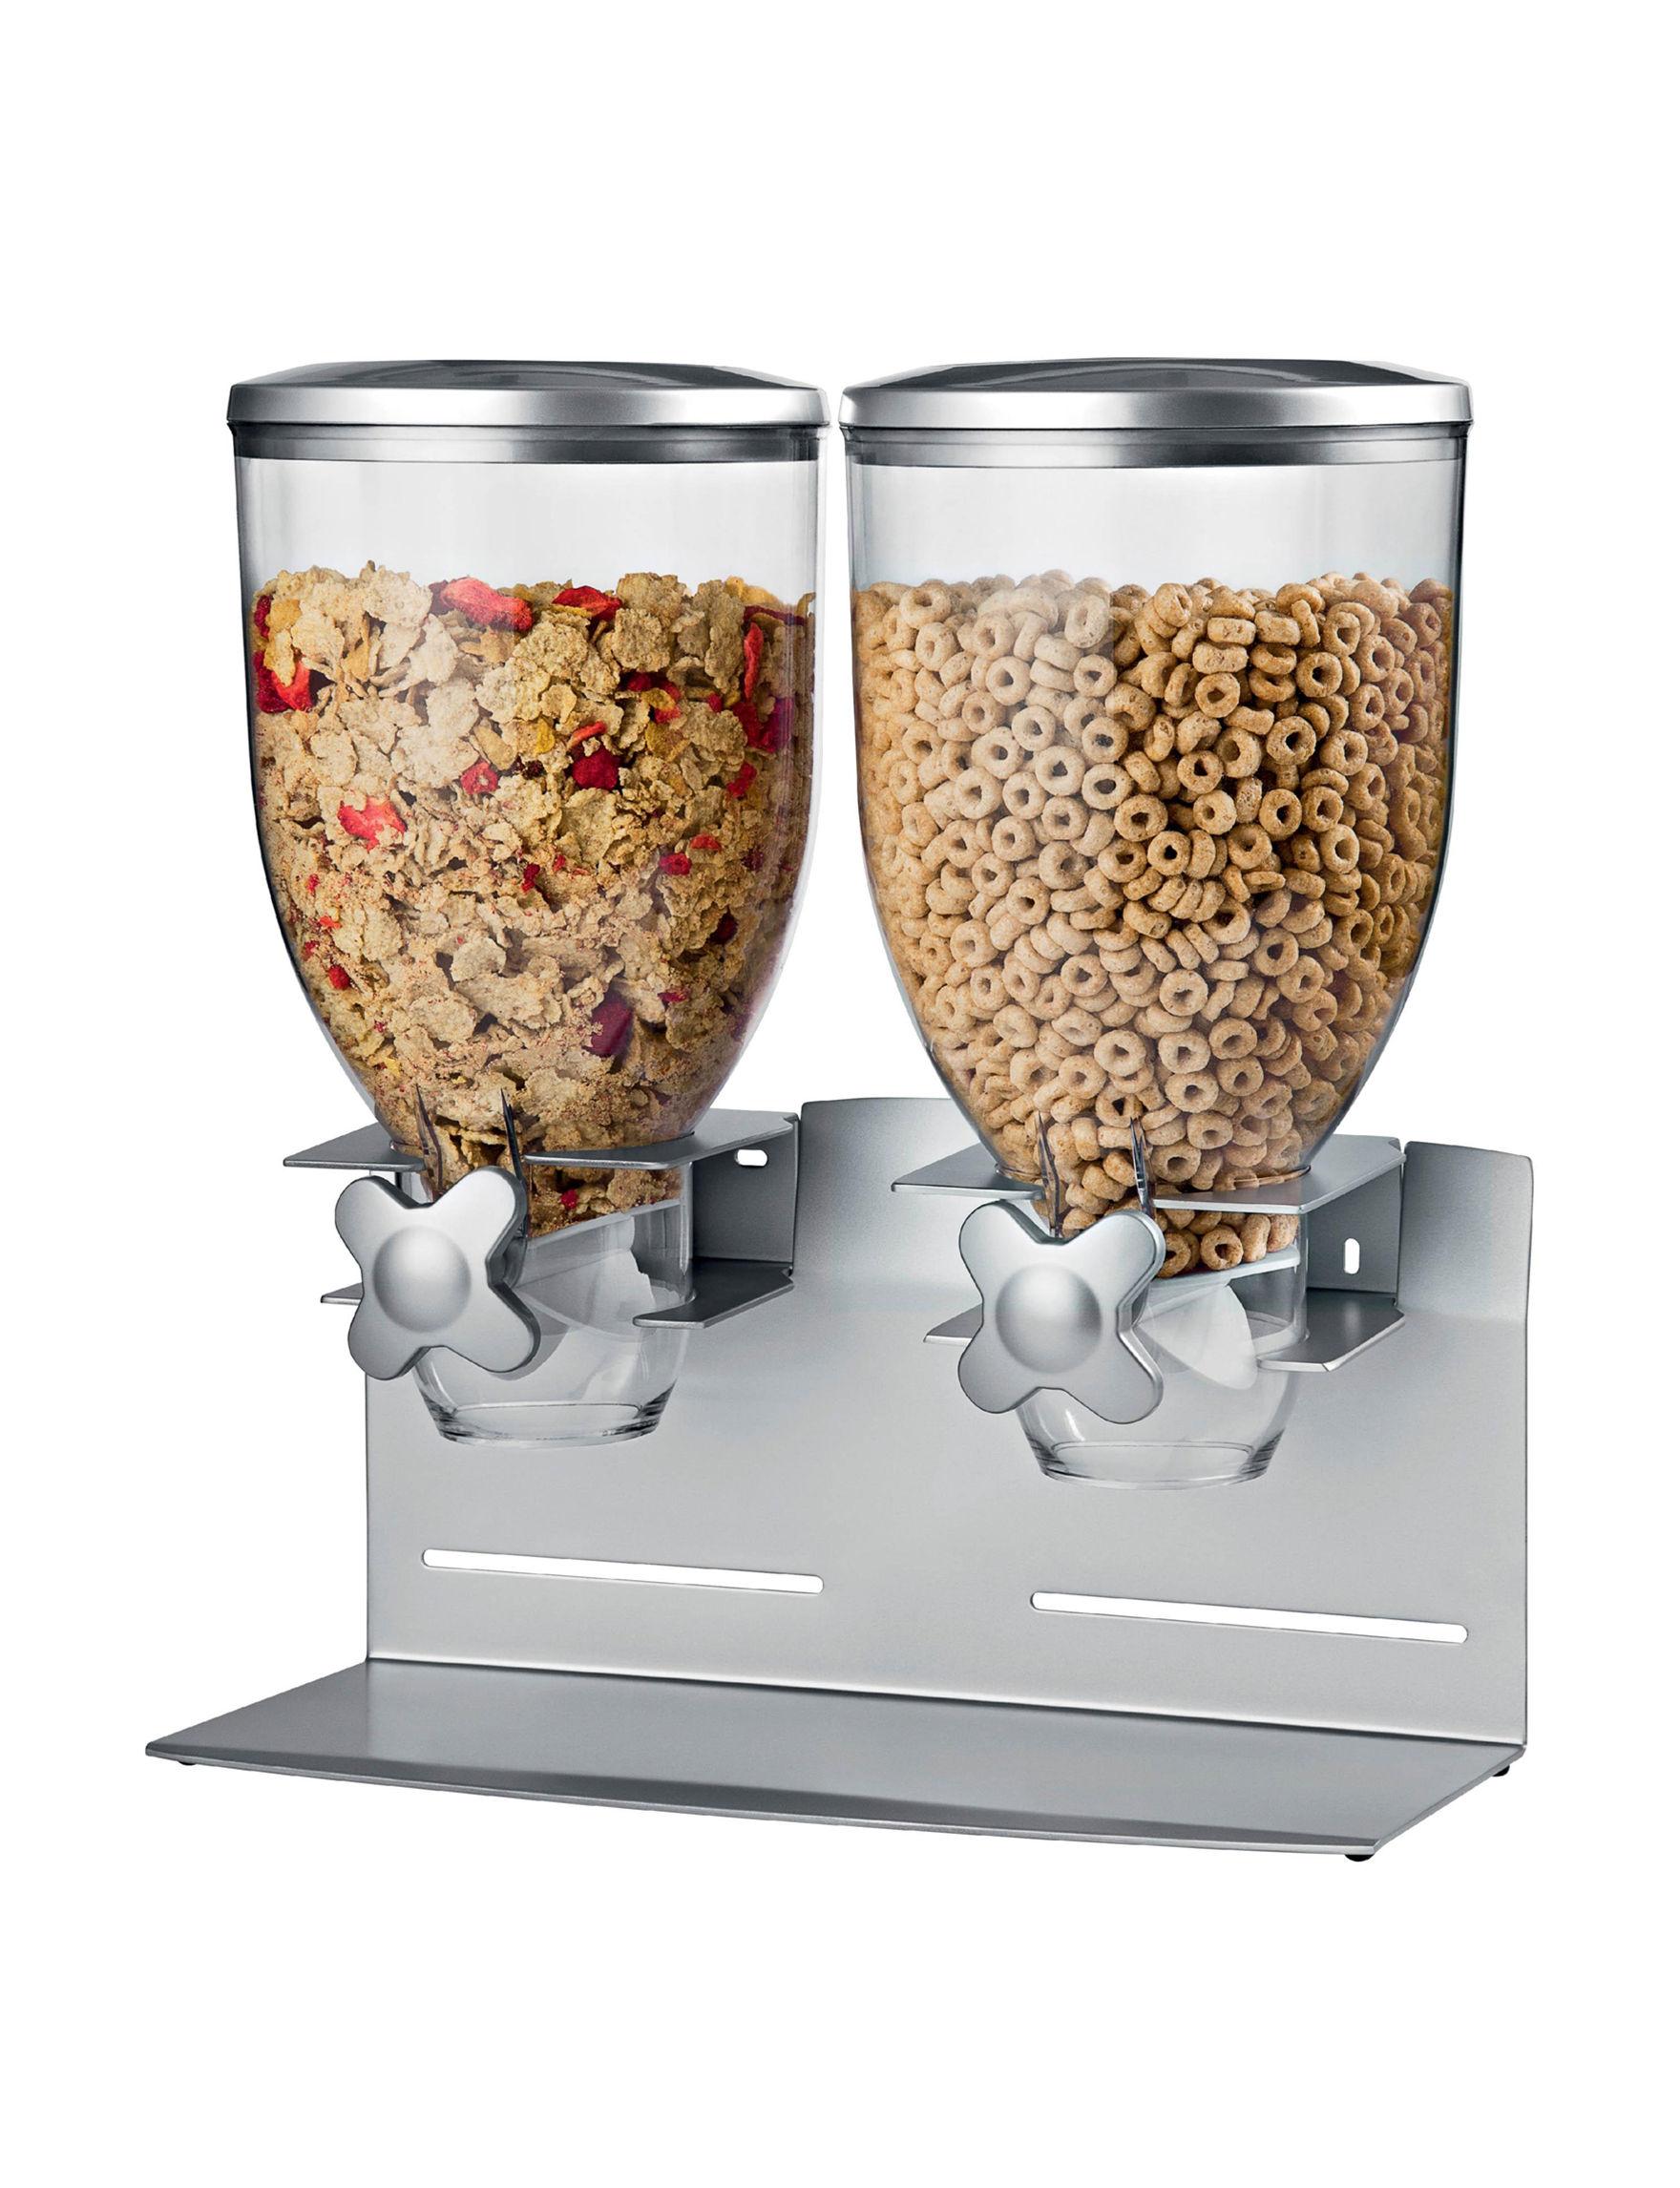 Honey-Can-Do International Silver Food Storage Kitchen Storage & Organization